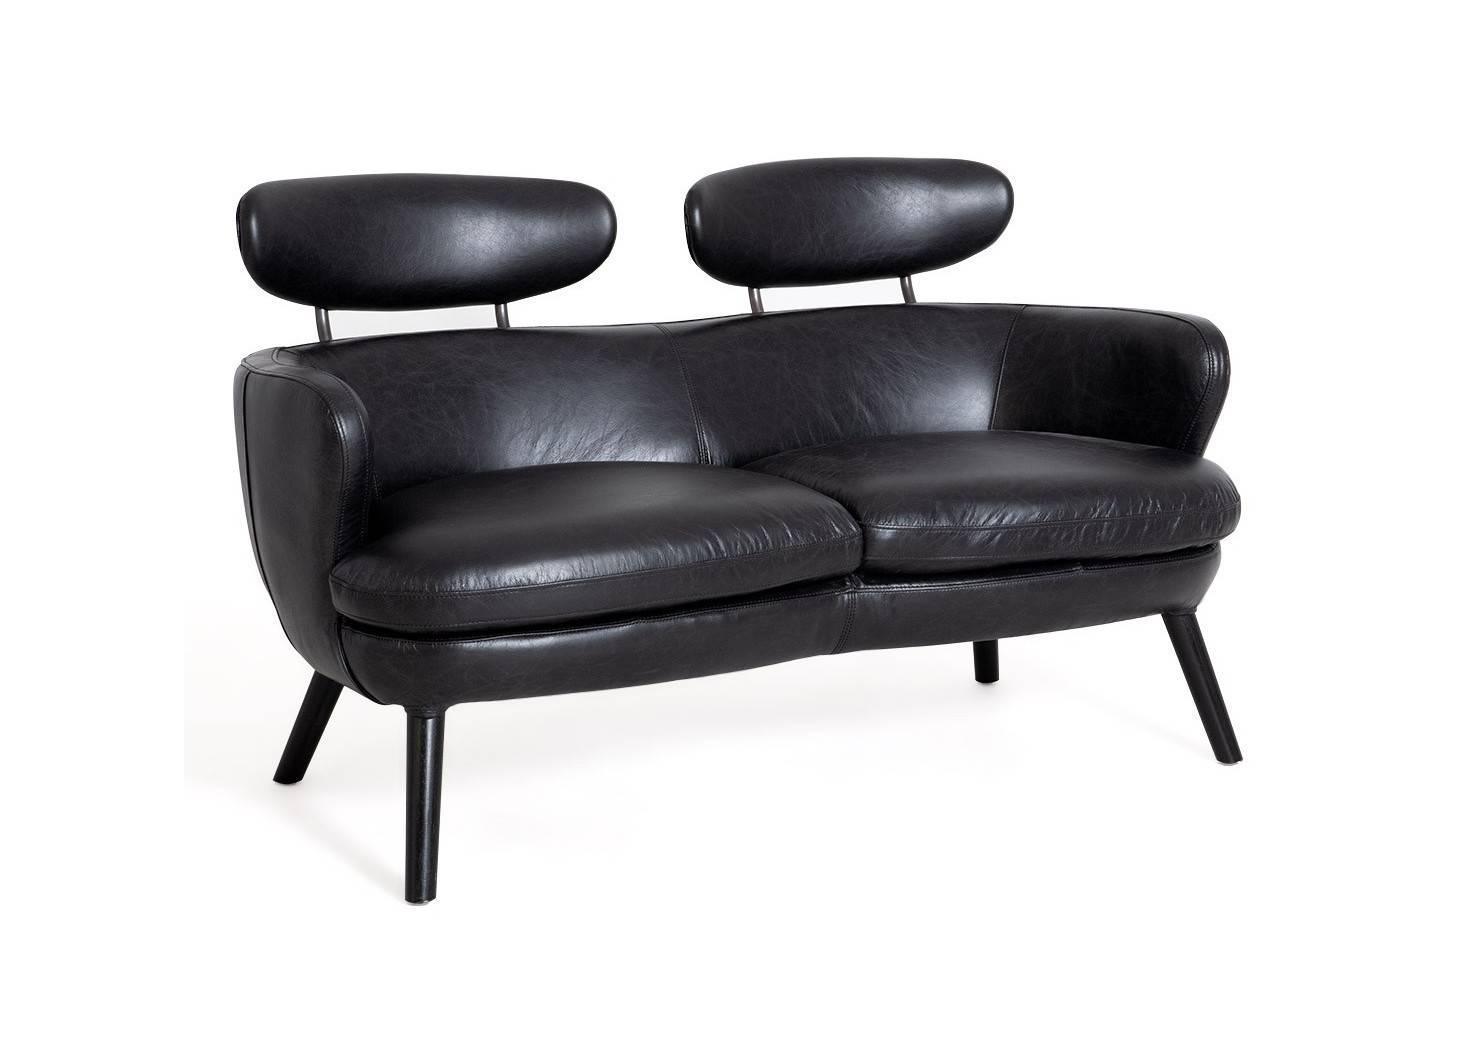 Canapé club Rubis - 2 places - cuir noir